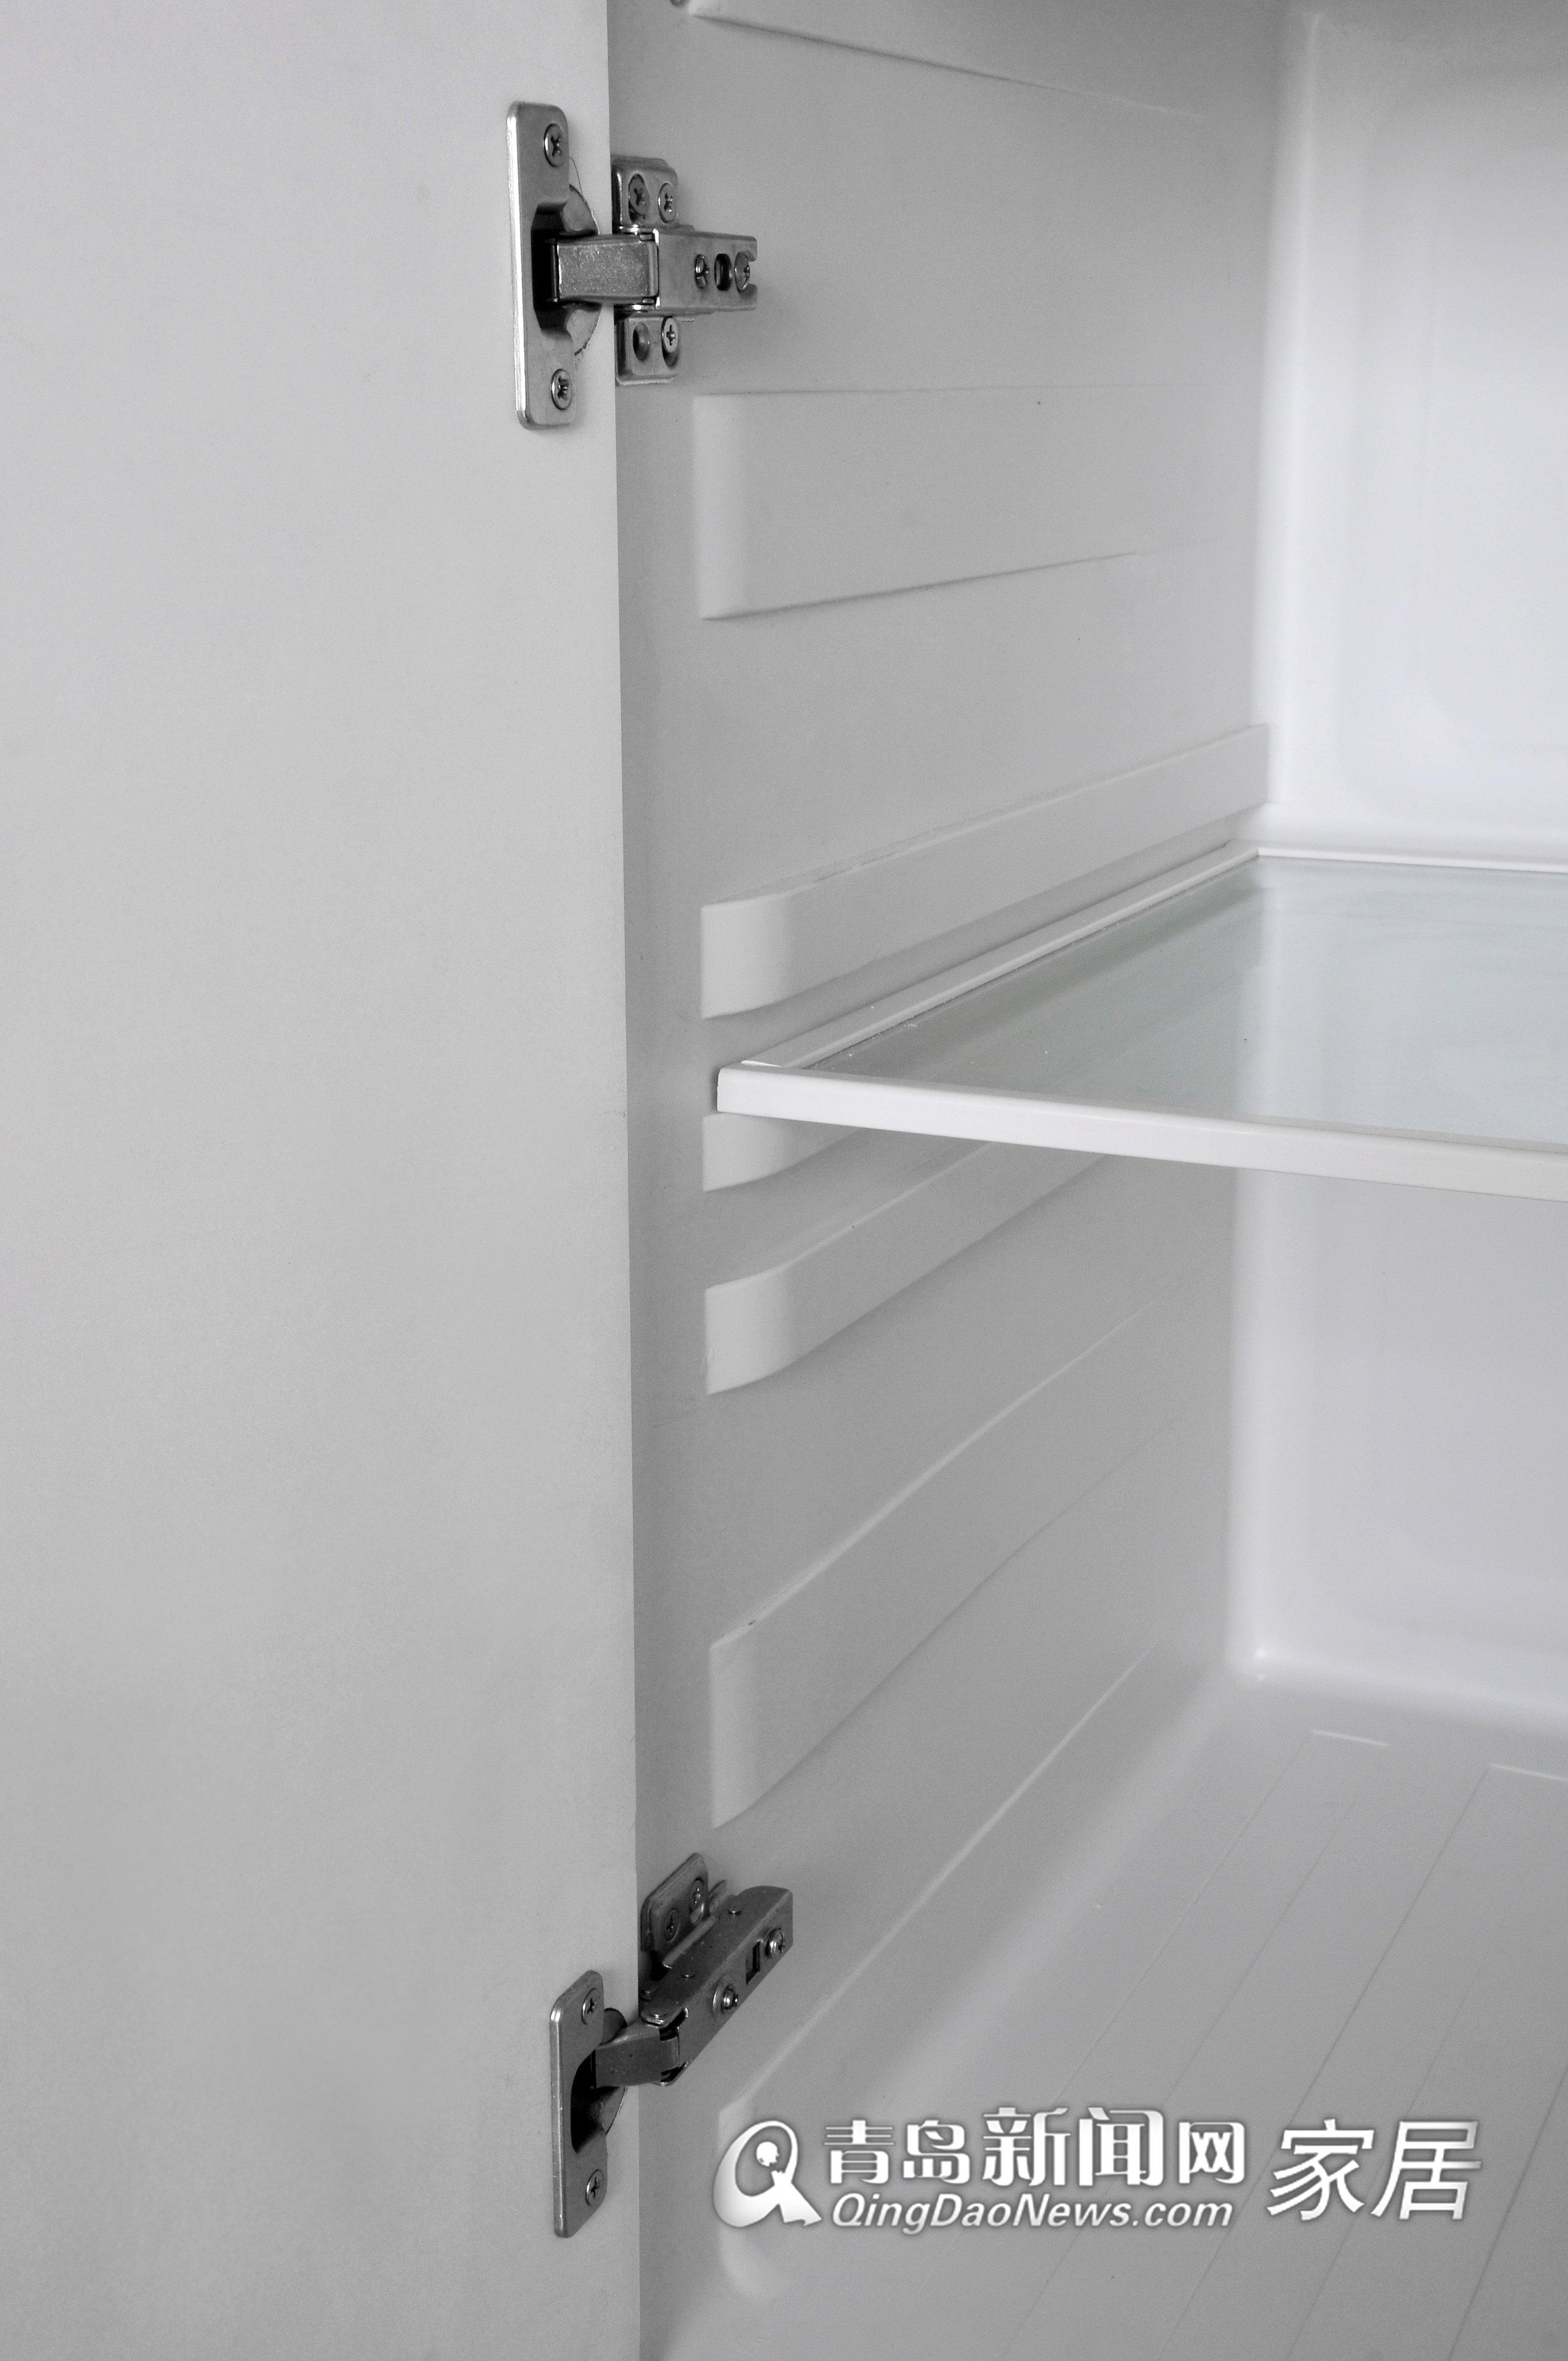 内胆橱柜柜体采用圆滑弧形边角设计